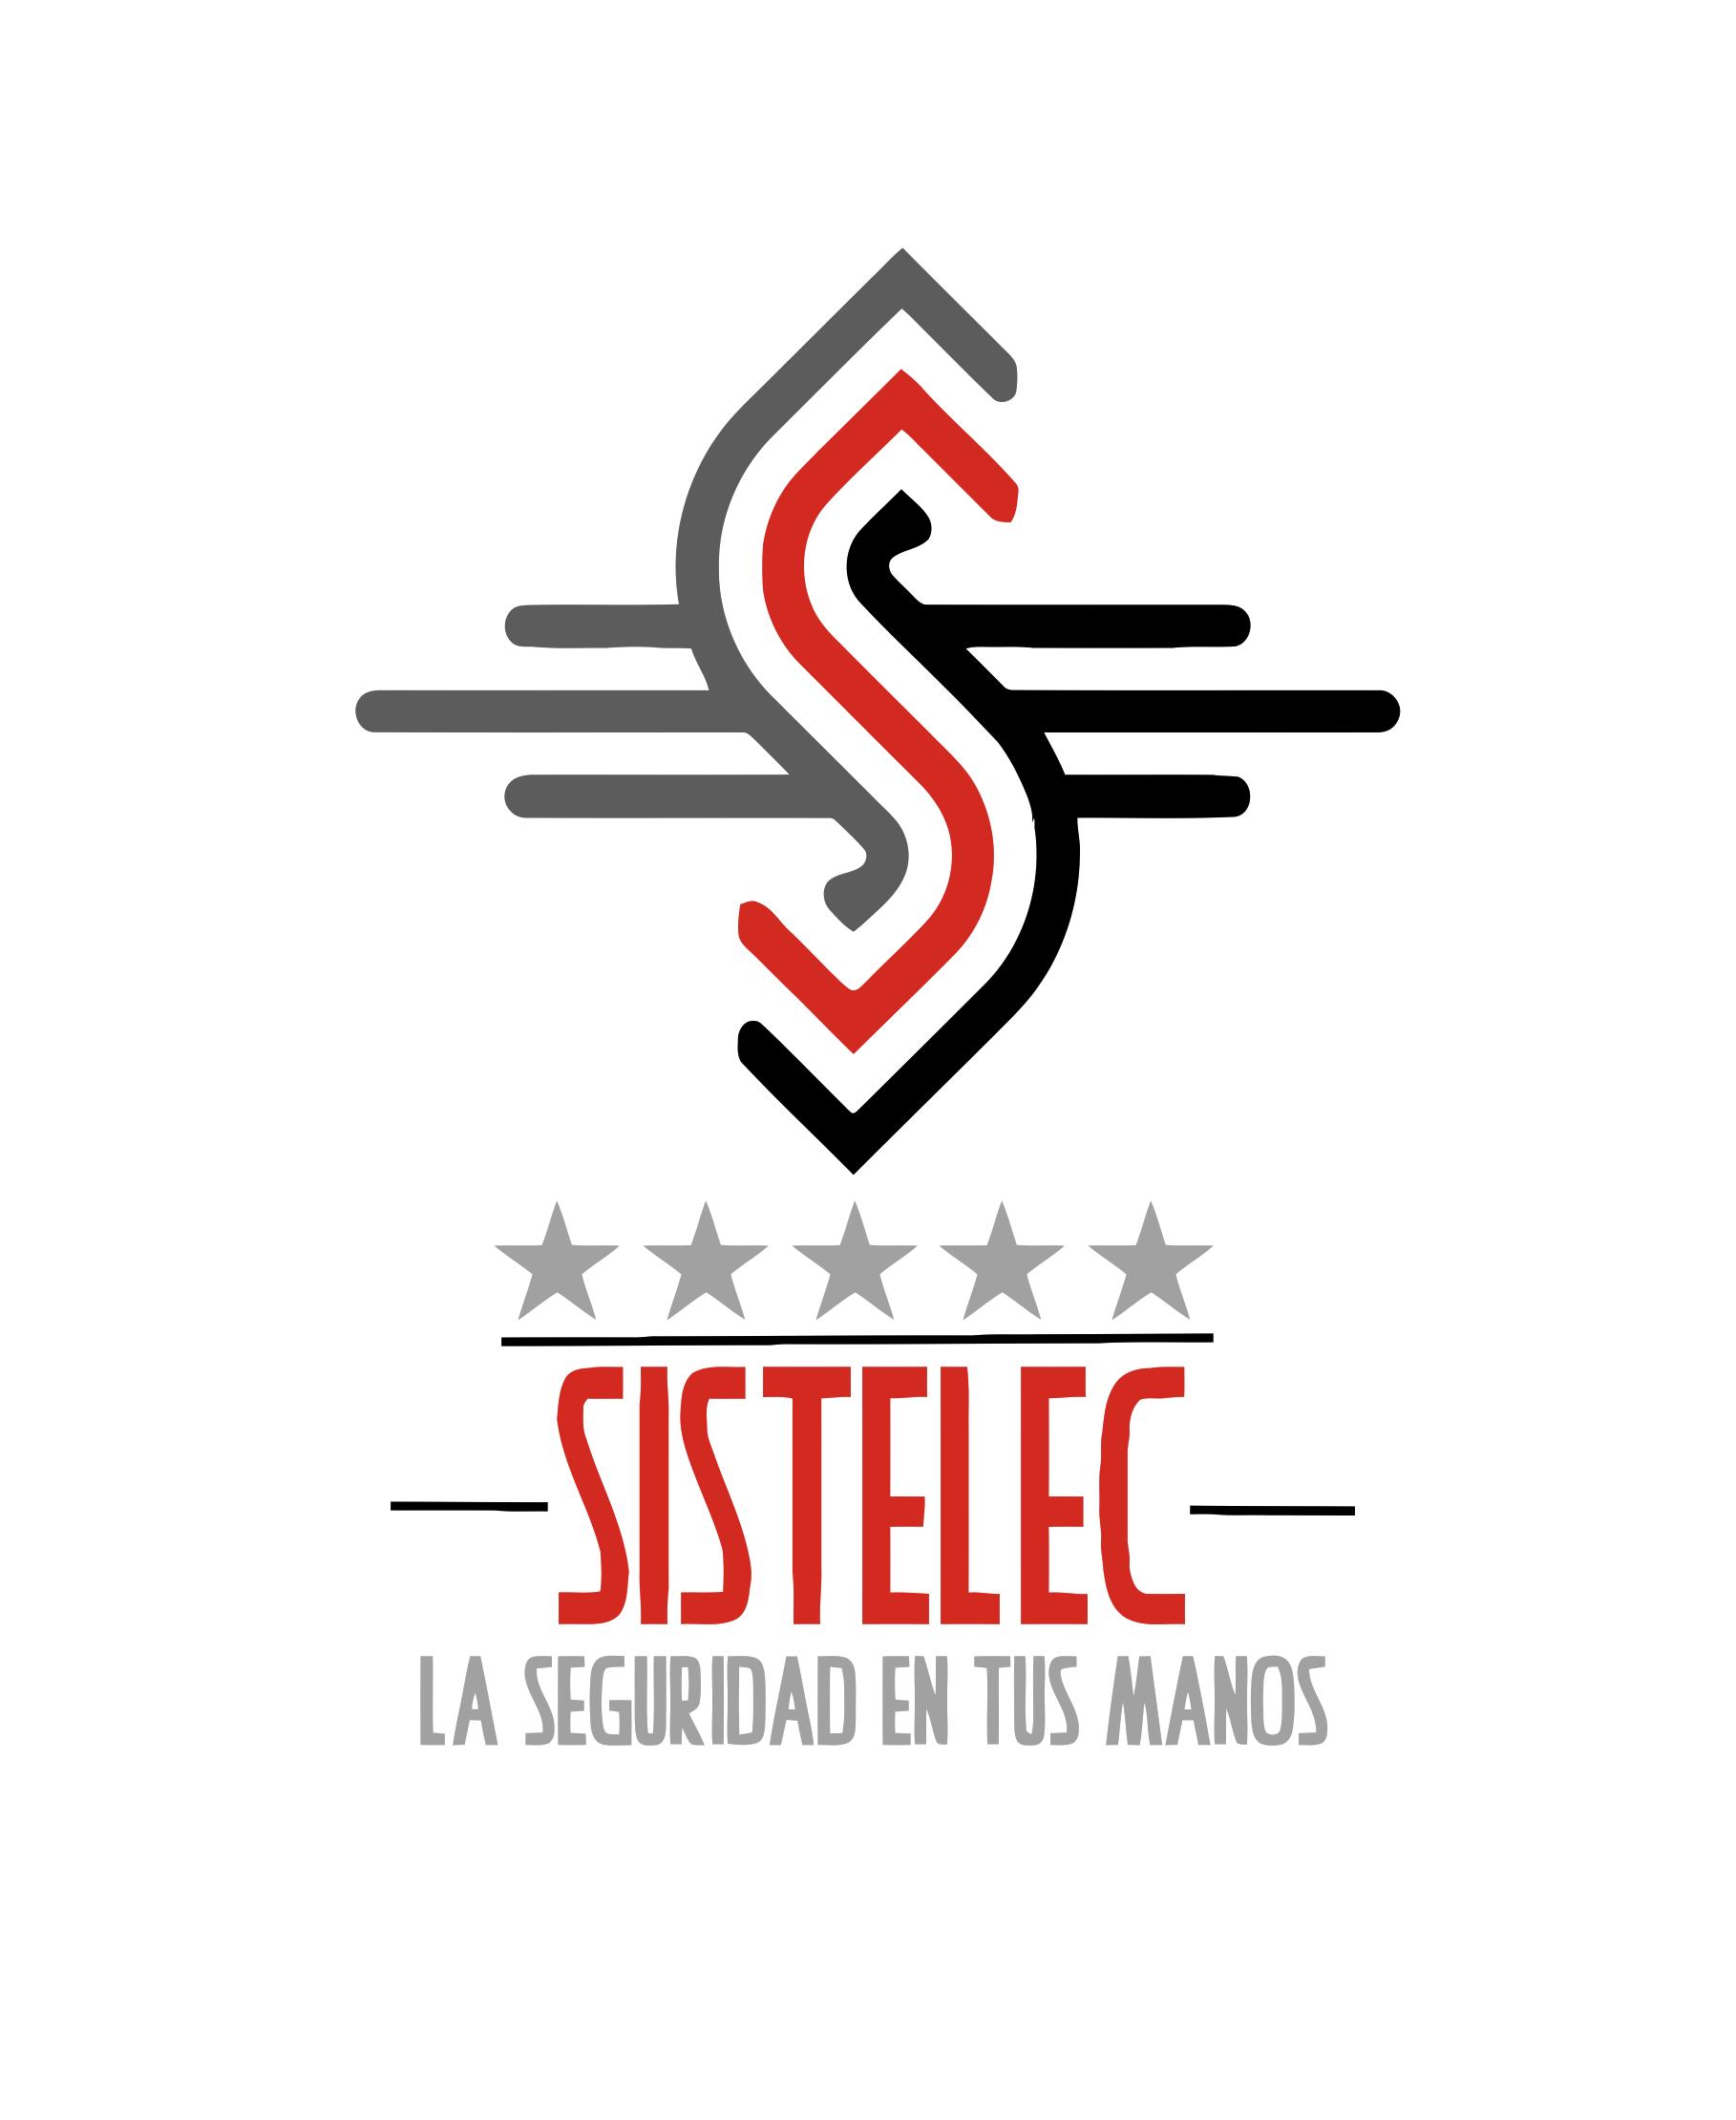 Sistelec